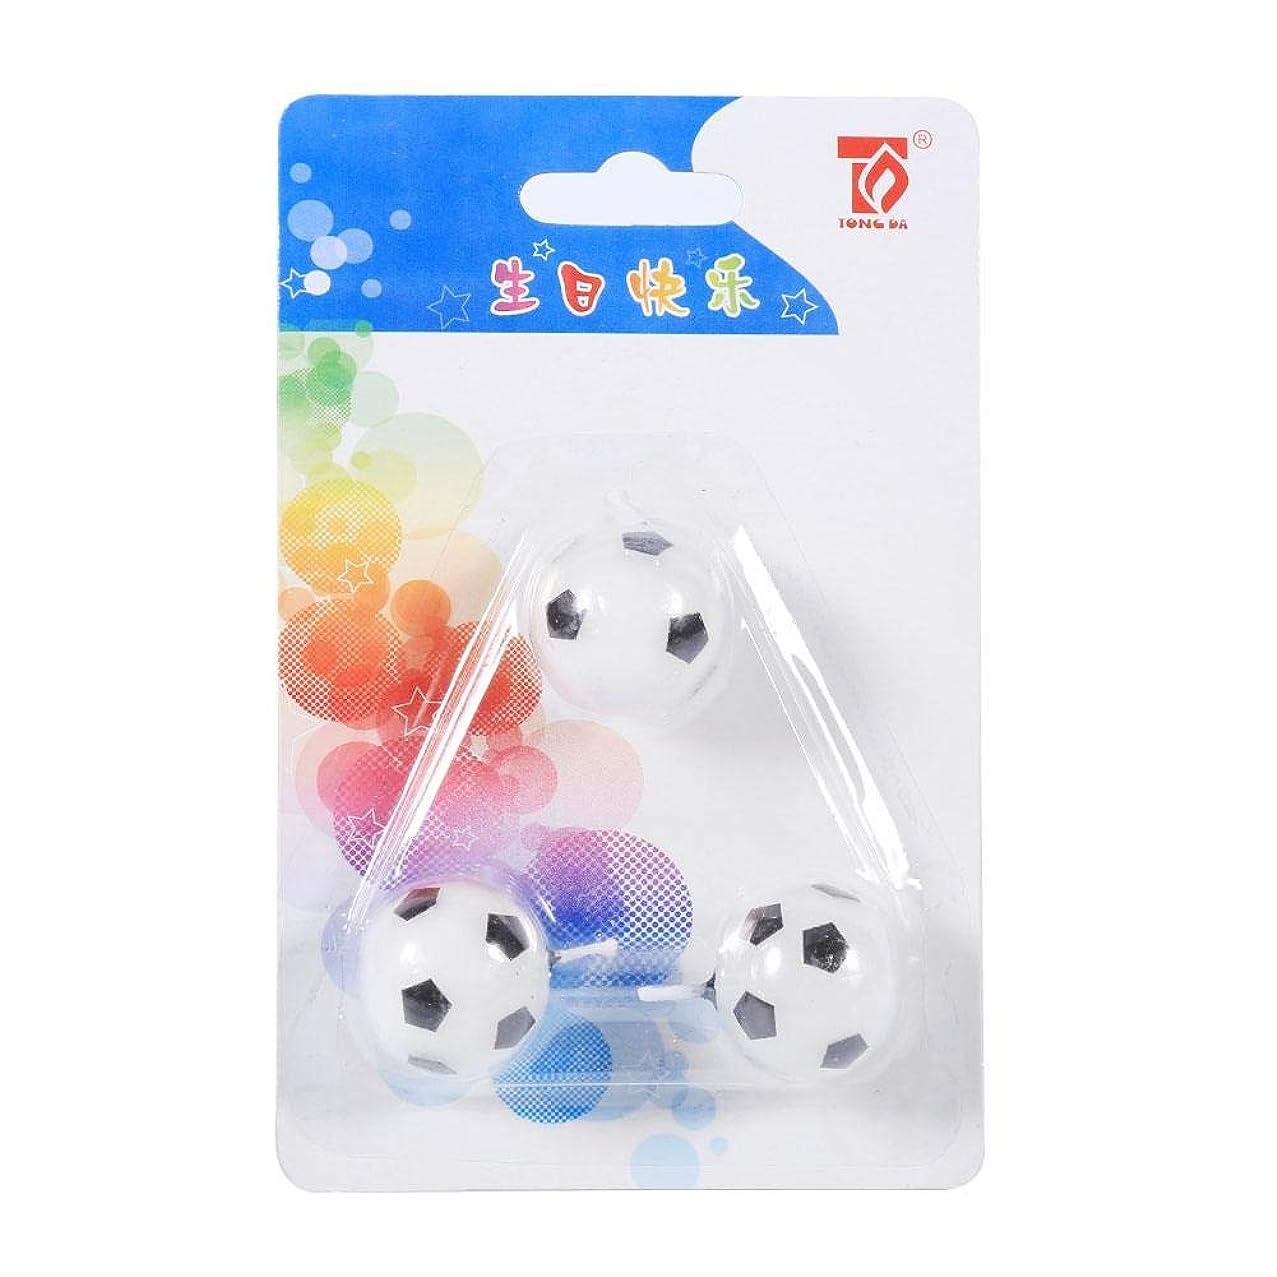 ぜいたく言い直す論理Eboxer キャンドル サッカーボールキャンドル キャンドル誕生日 子供向 3個入 サッカーボールの形 誕生日 パーティケーキのキャンドル 飾り物 可愛い